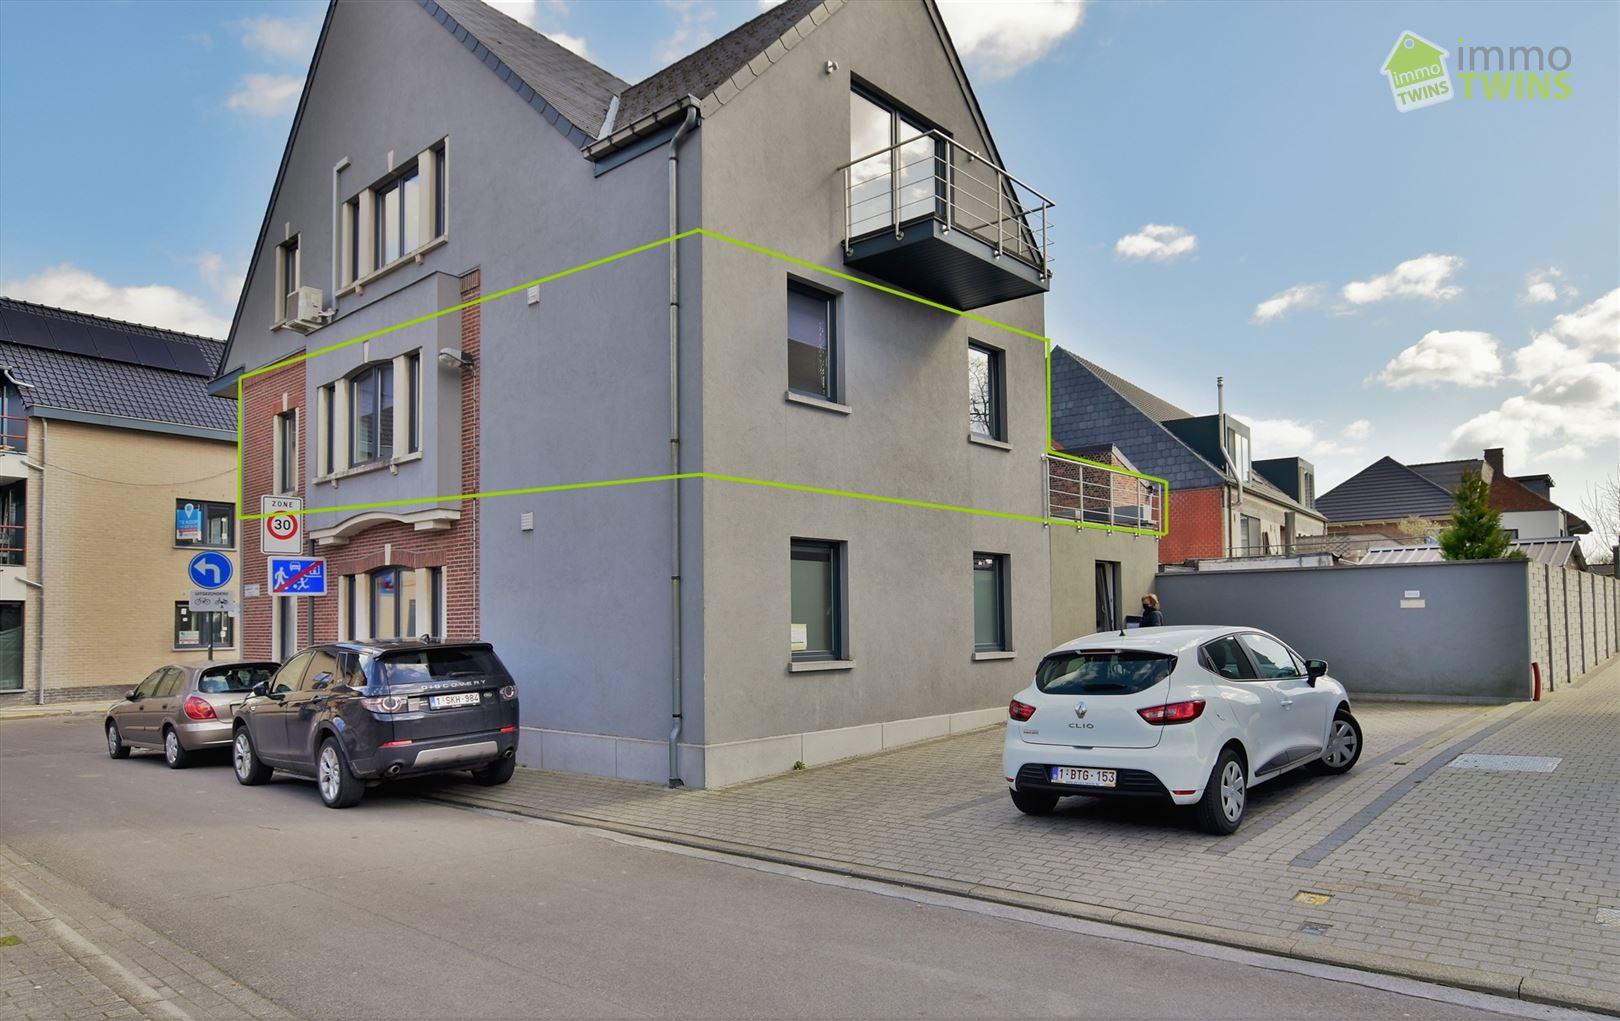 Foto 19 : Appartement te 9200 Sint-Gillis-bij-Dendermonde (België) - Prijs € 219.000